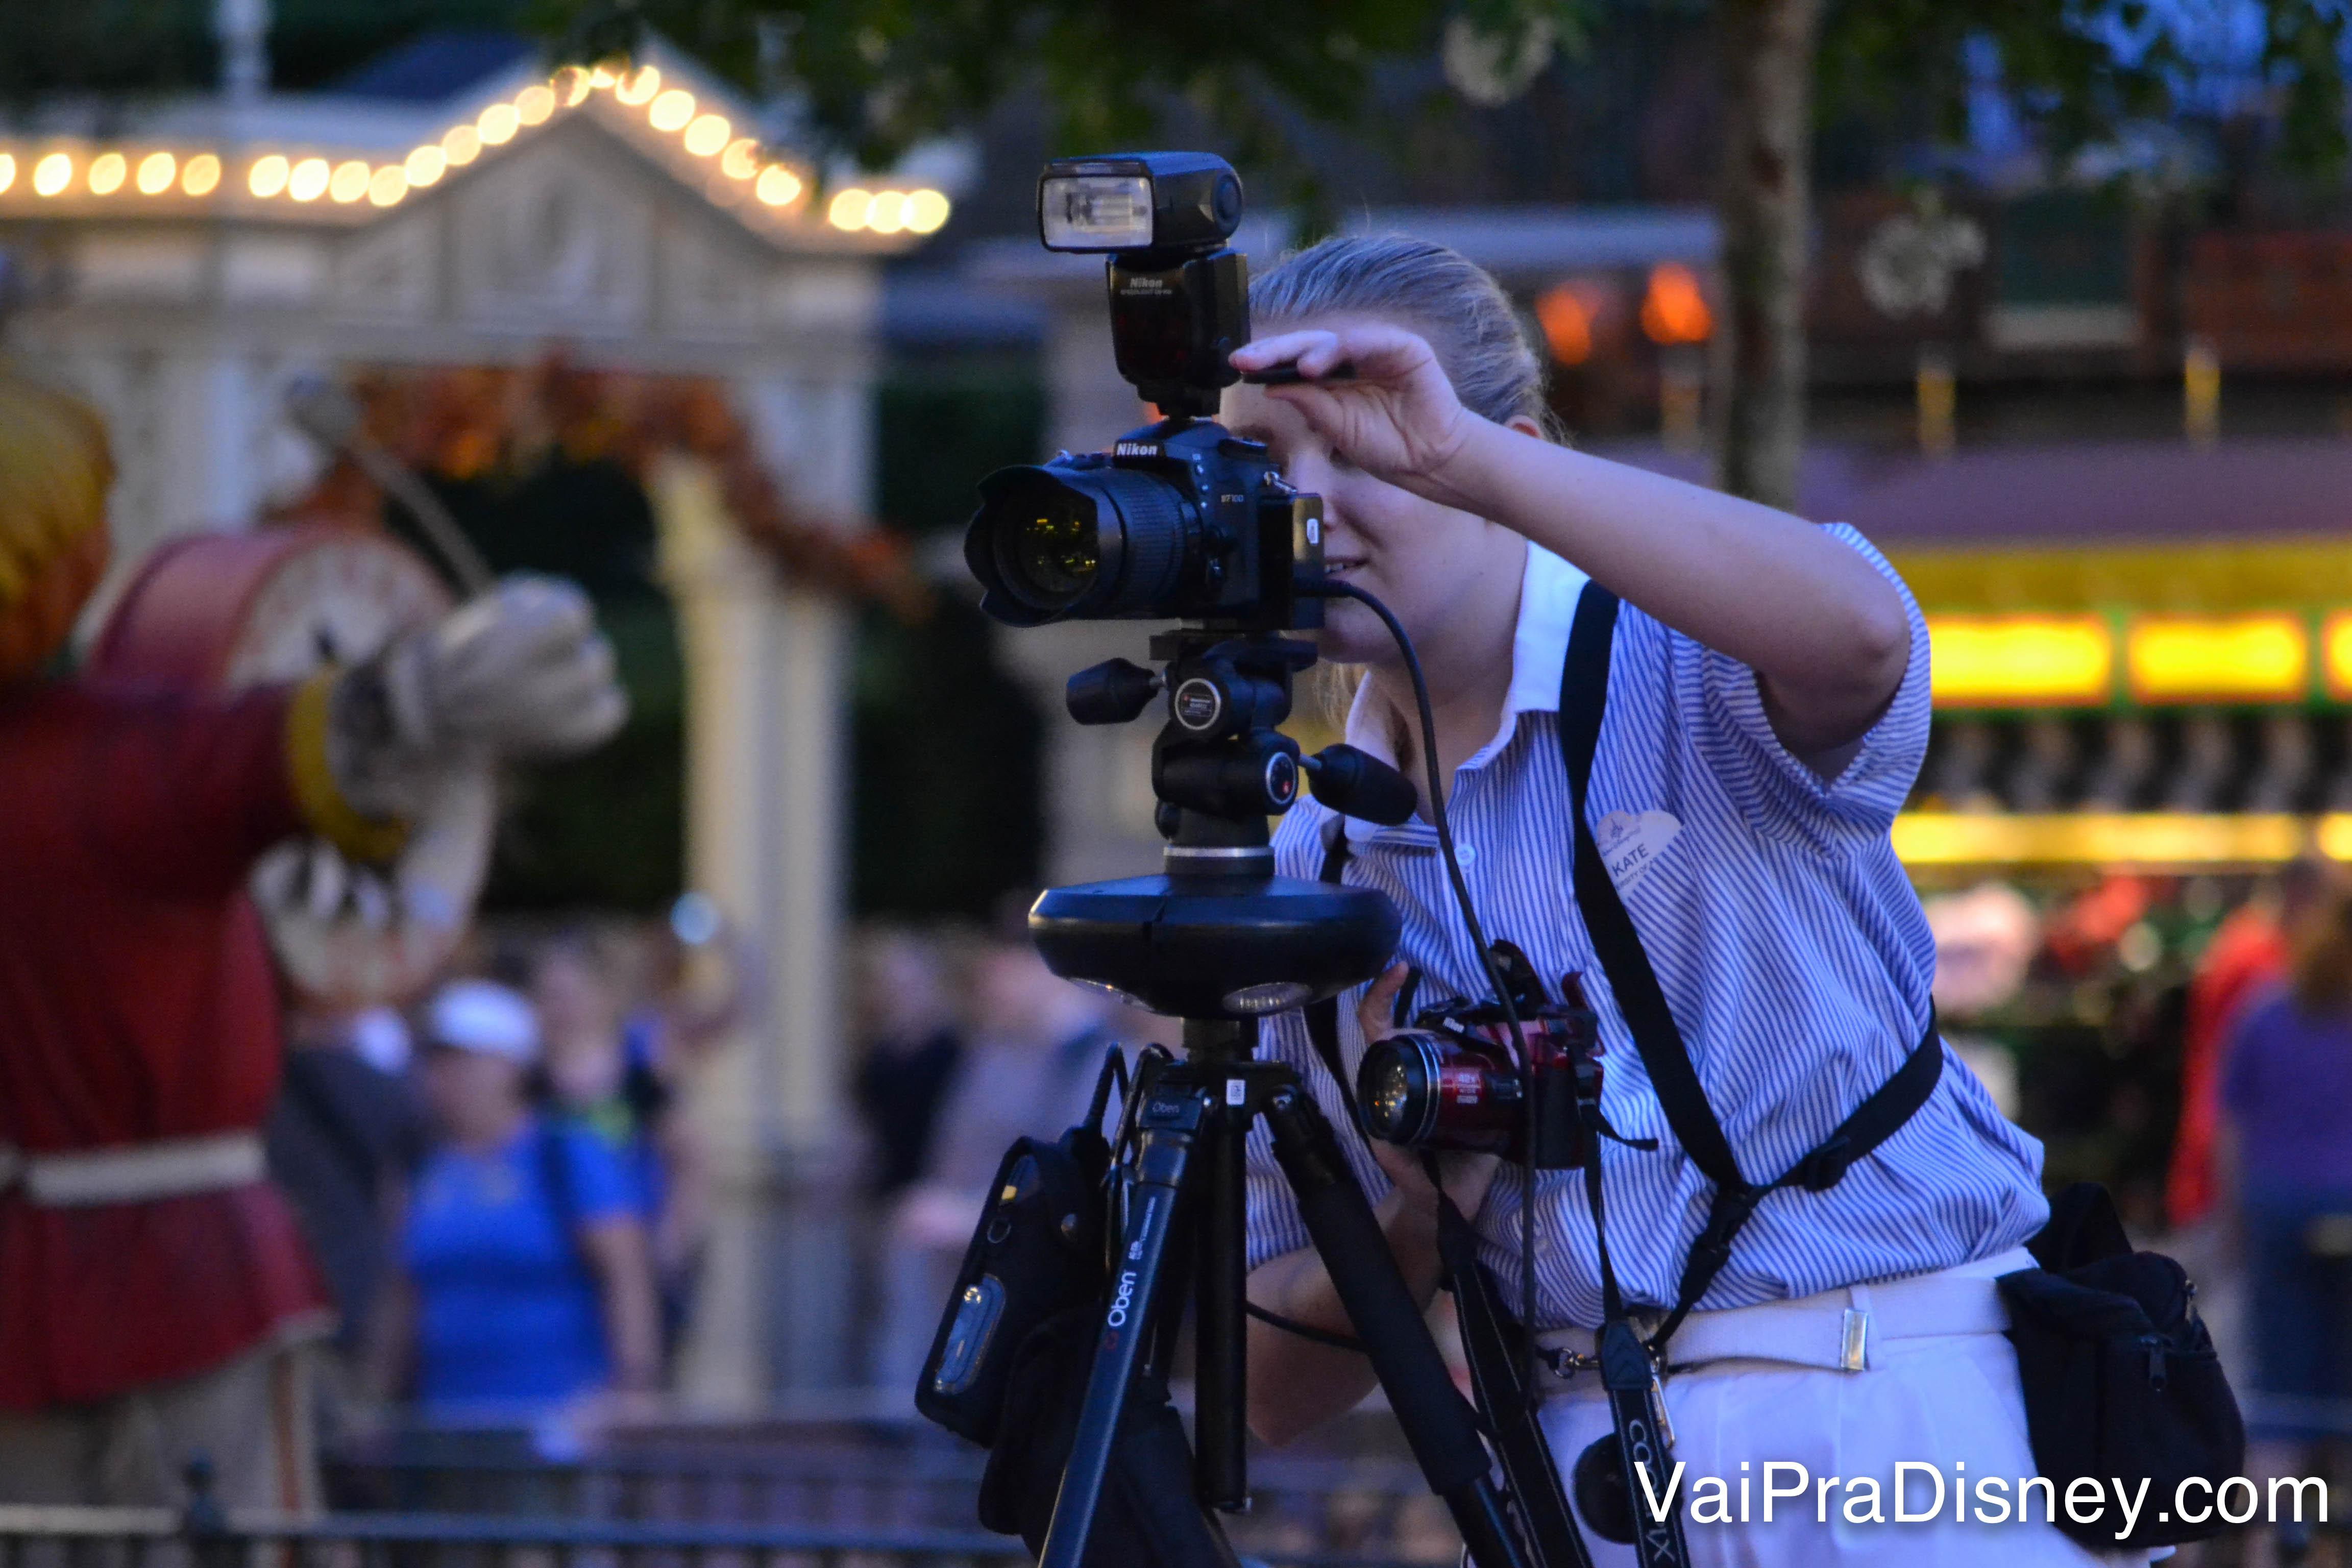 Esses são os fotógrafos do Photopass, é fácil de localizar com as câmeras e uniforme. Foto de um dos fotógrafos do Disney Photopass, atrás da câmera no parque enquanto fotografa um visitante.